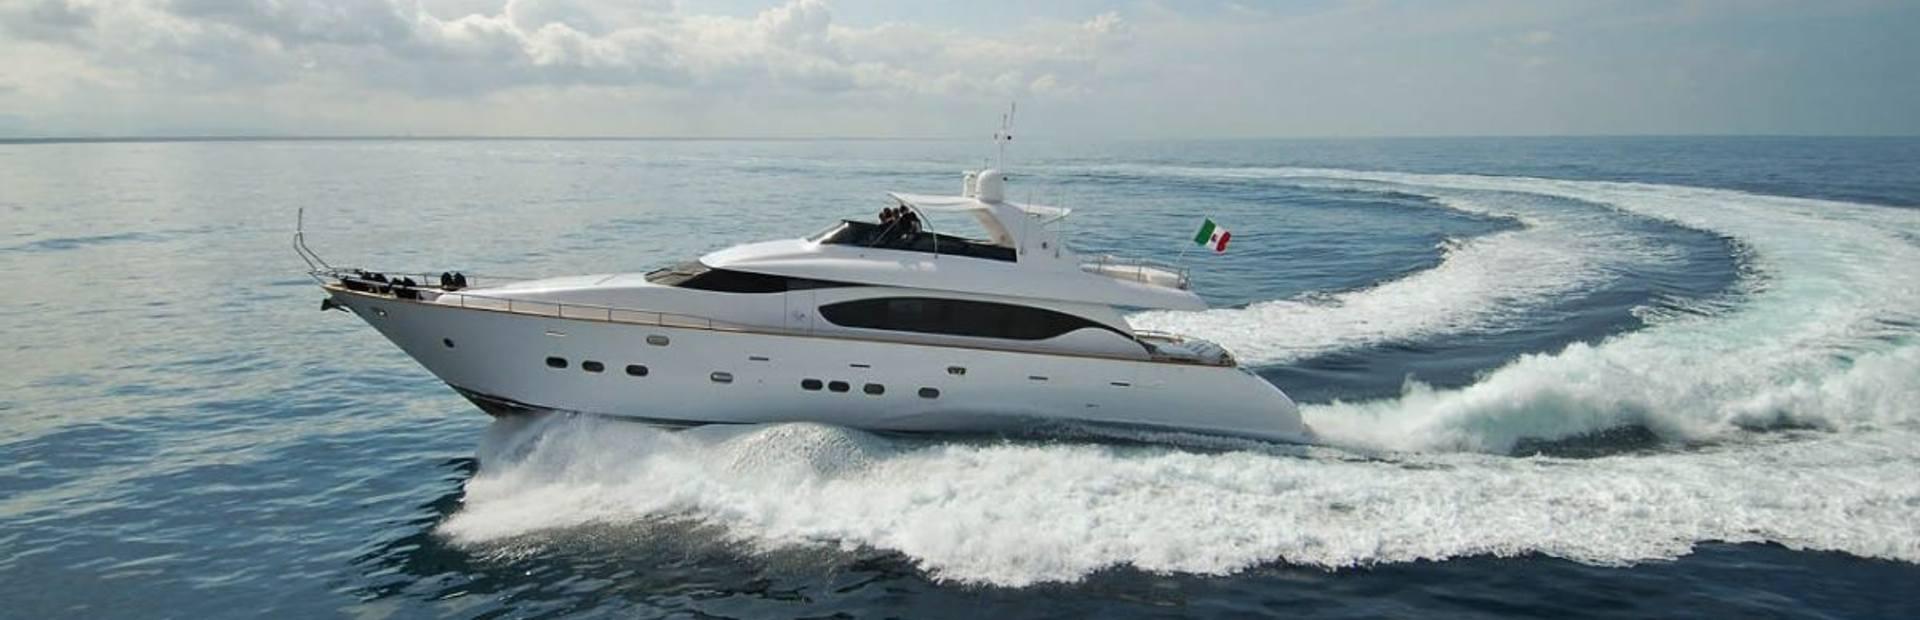 Maiora 24S Yacht Charter